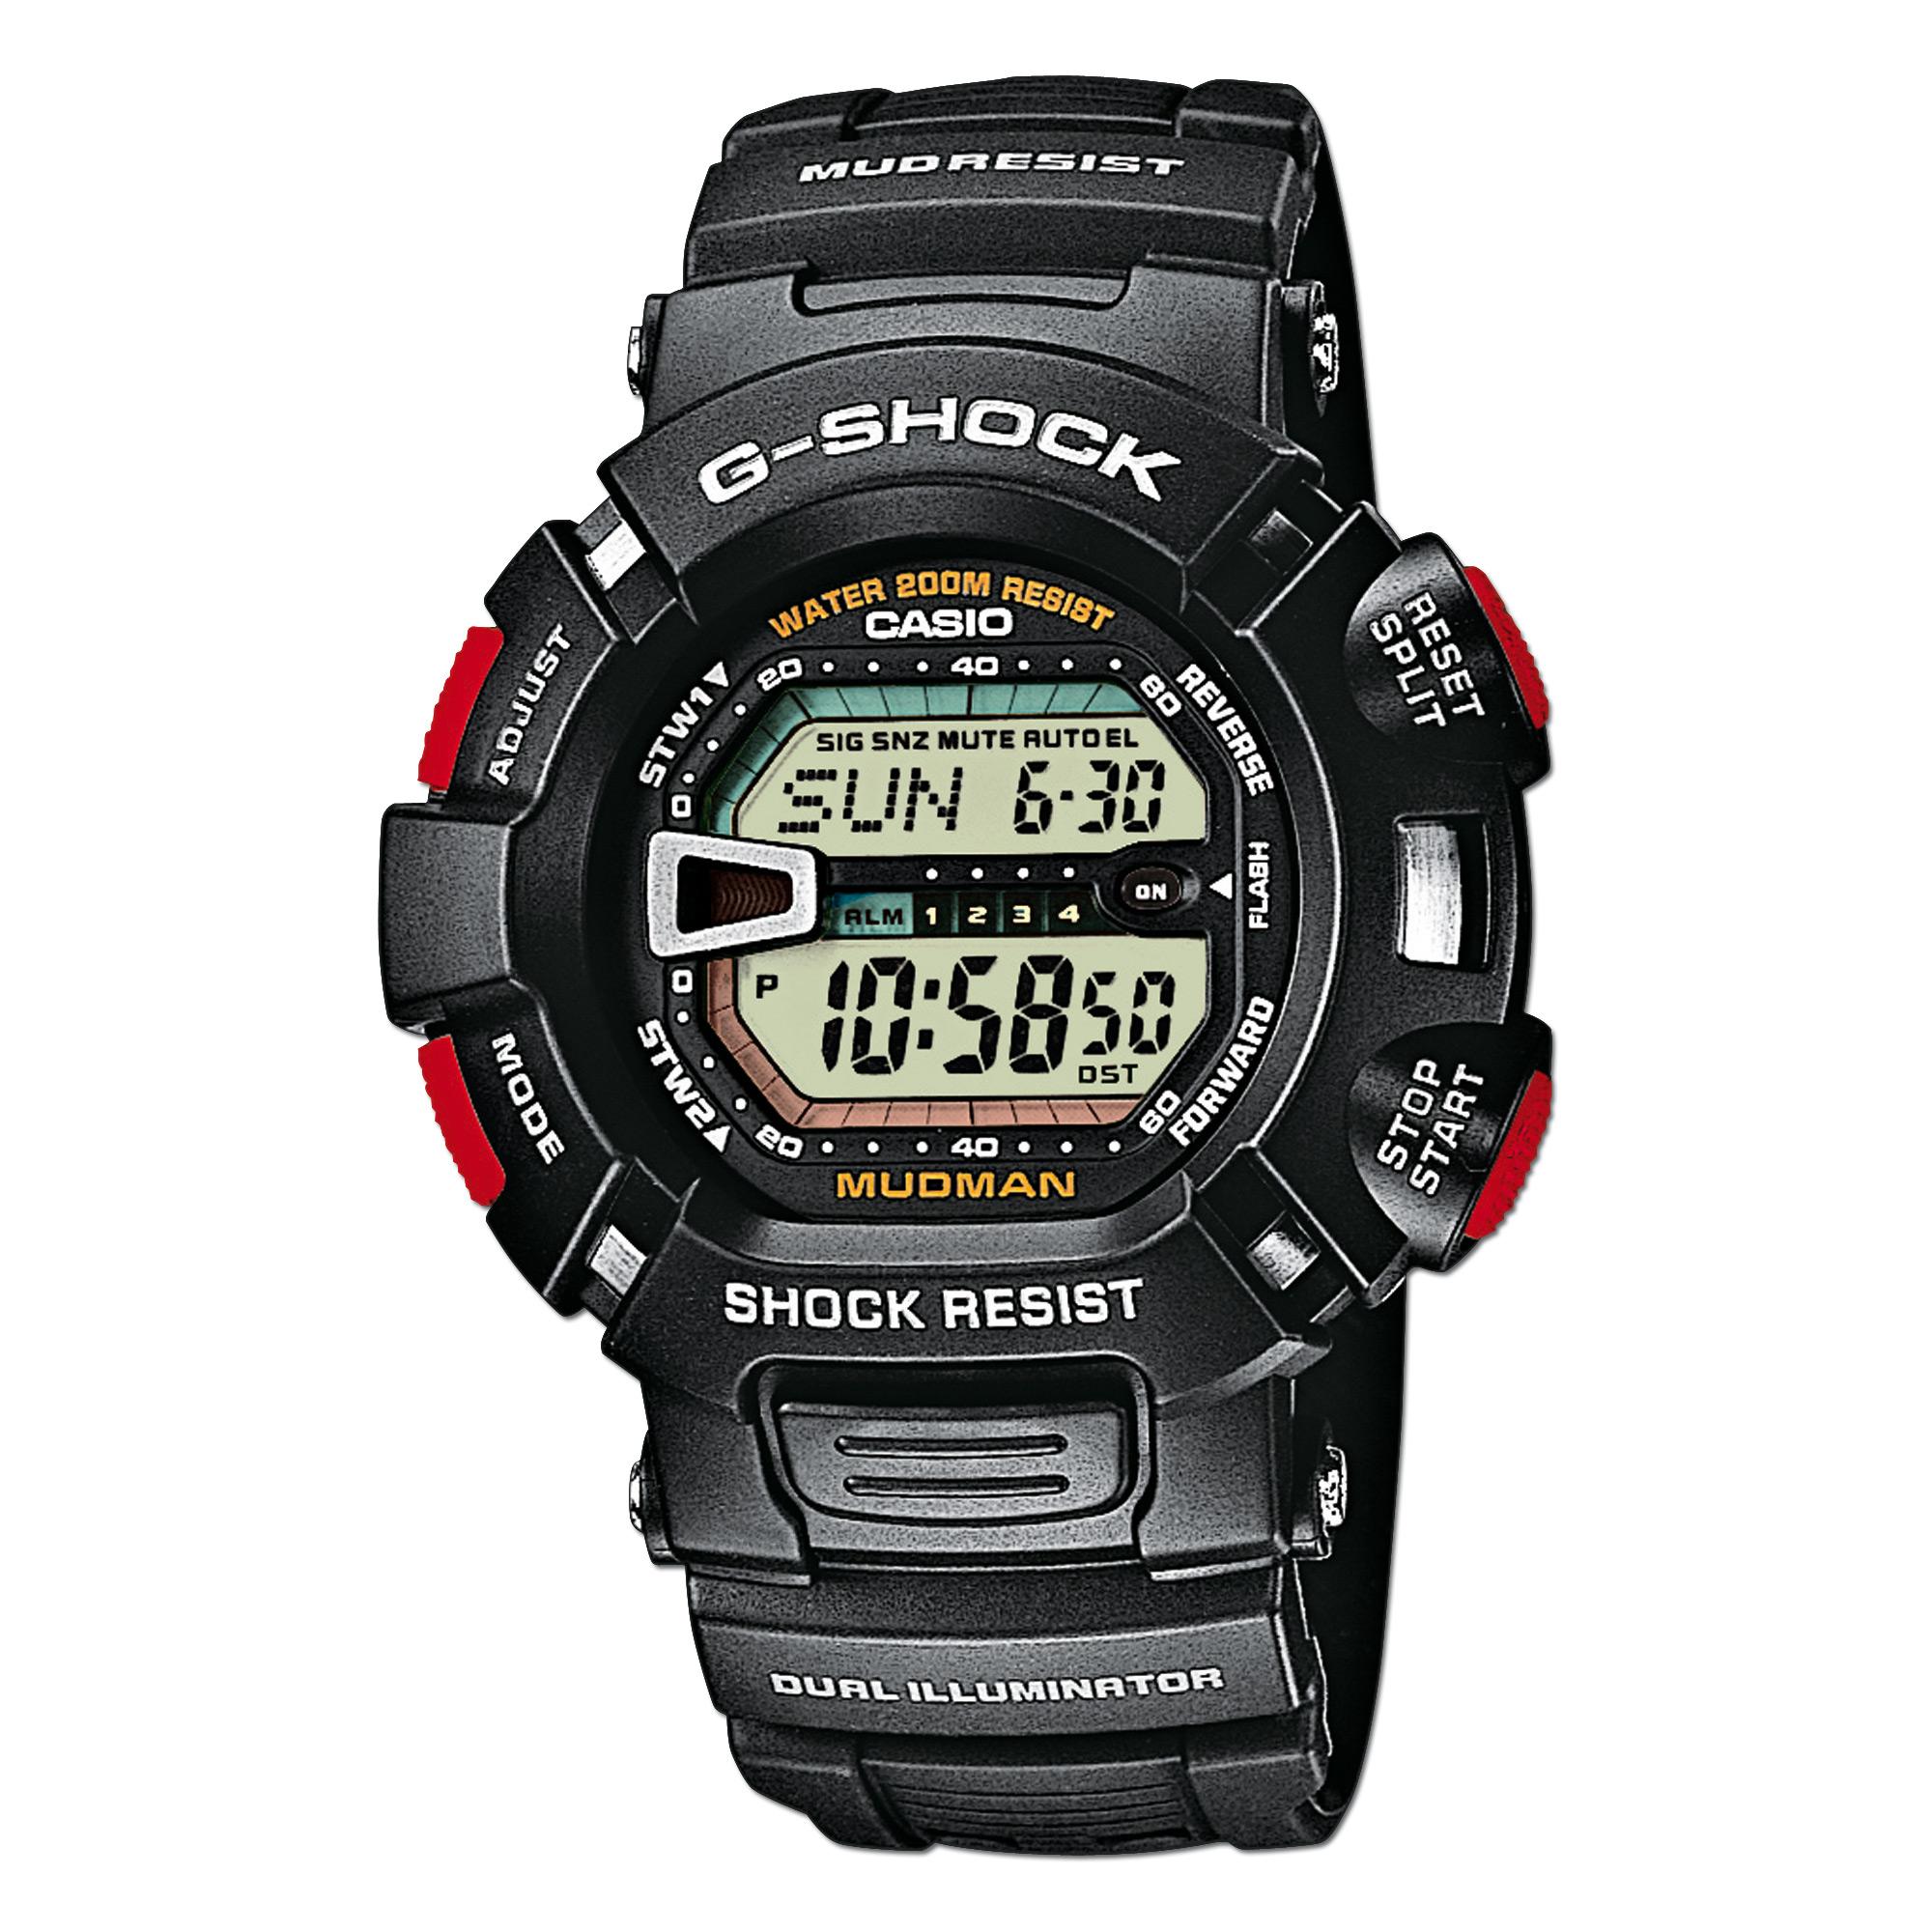 Uhr Casio G-Shock Mud Master